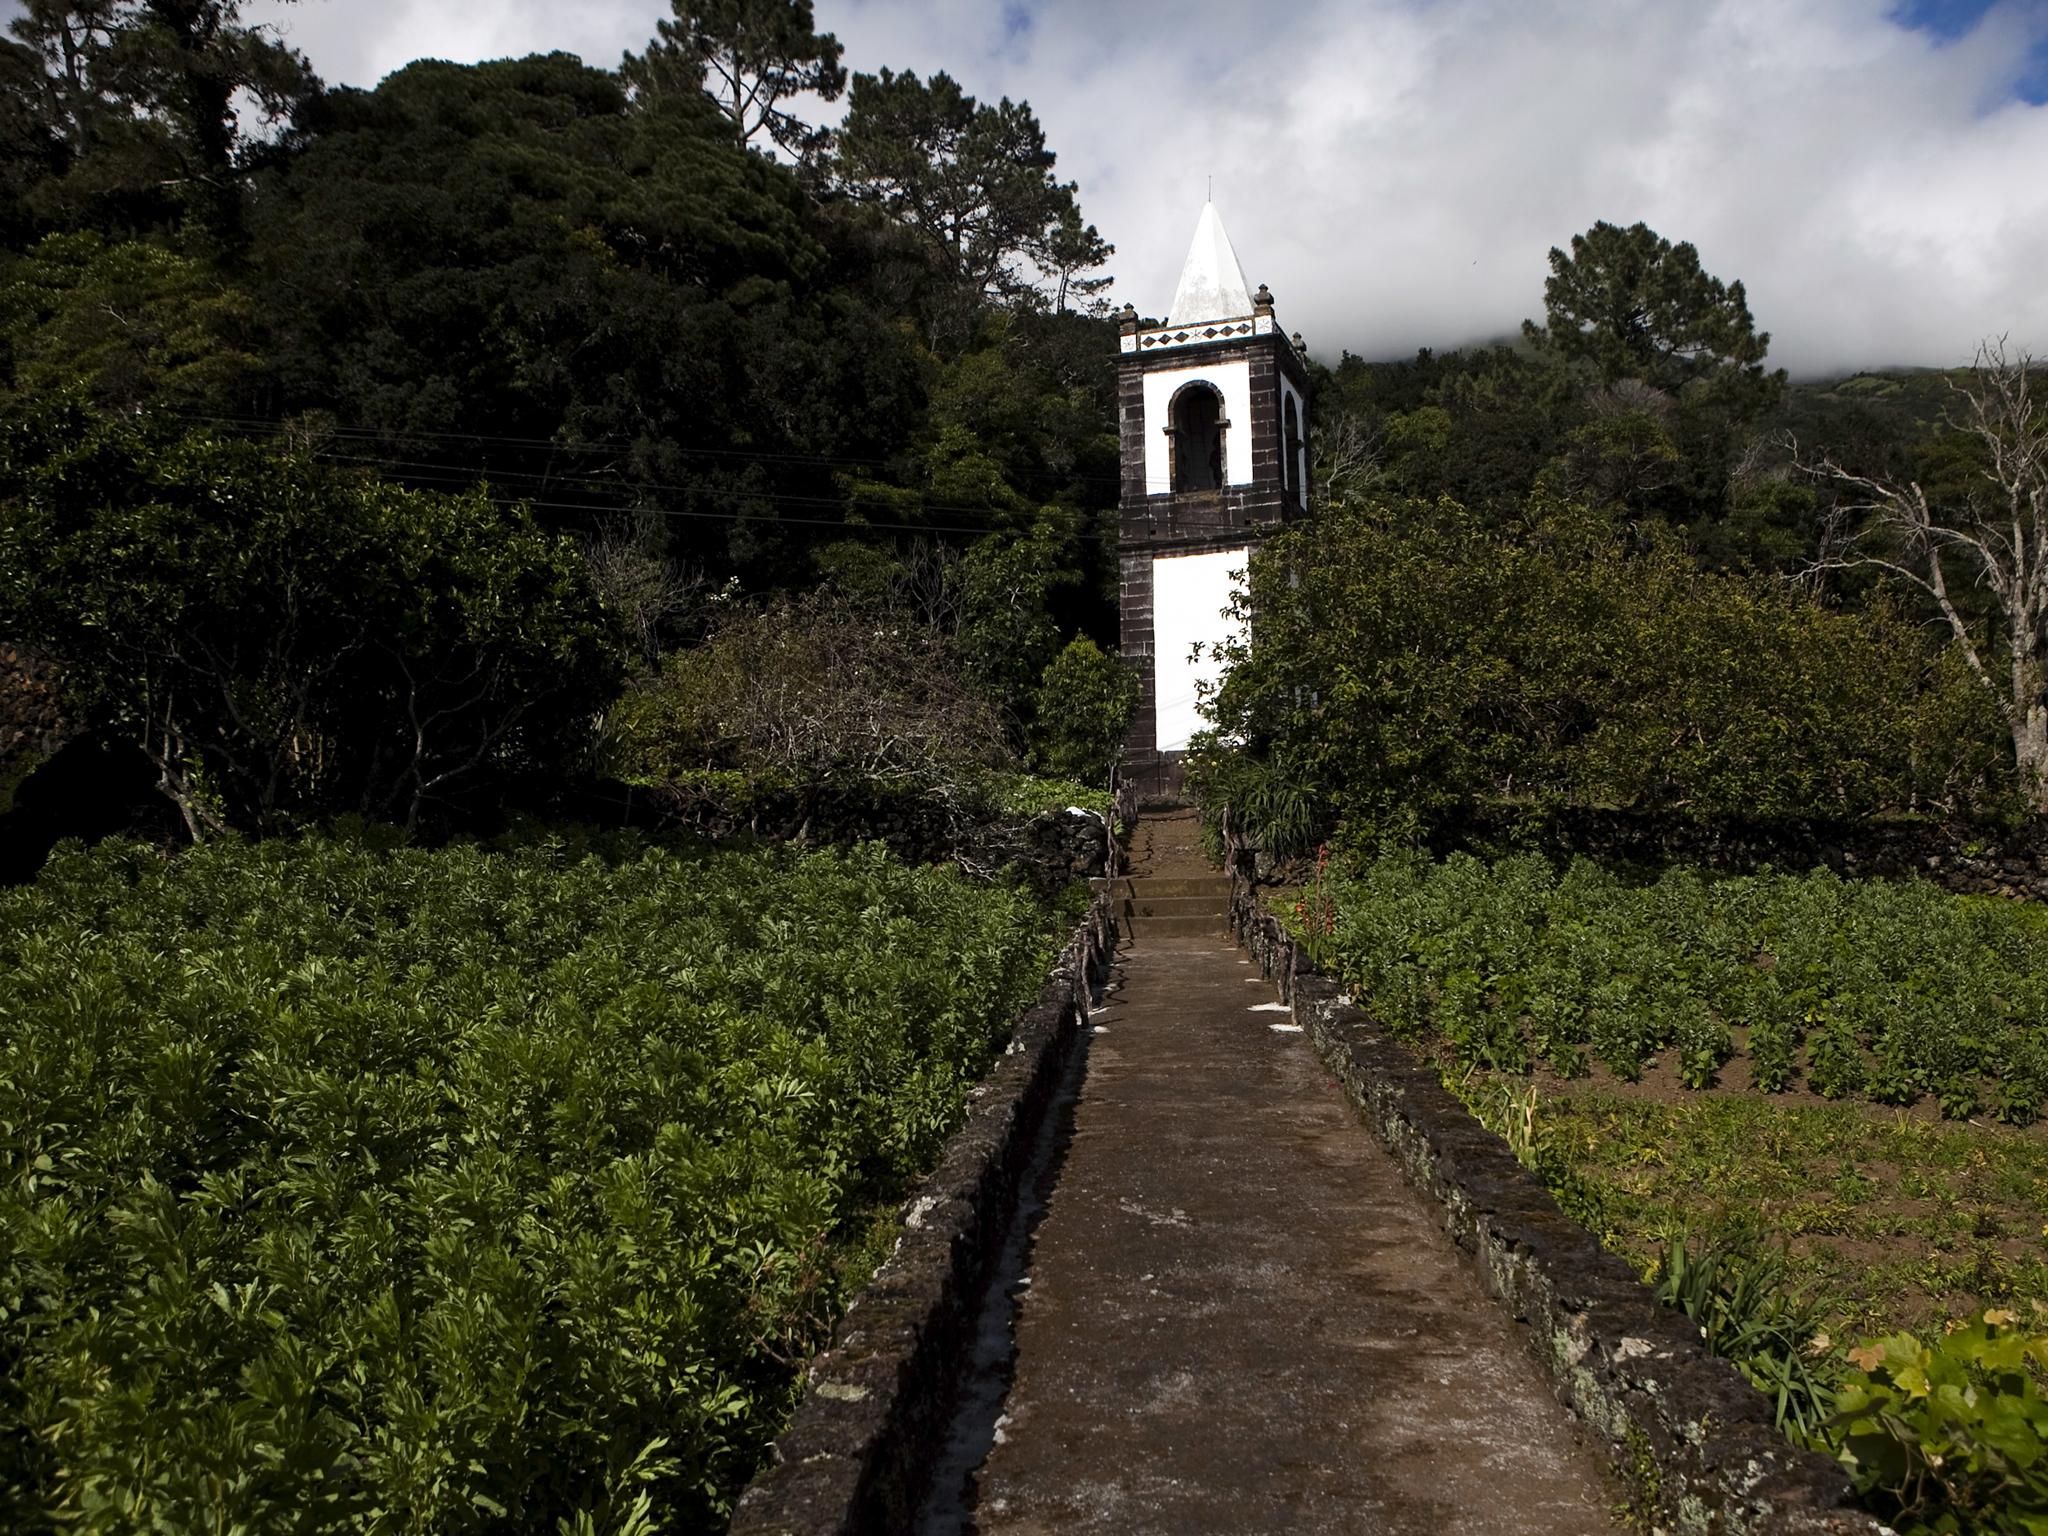 Veja a Torre Sineira que resistiu ao vulcão na Urzelina